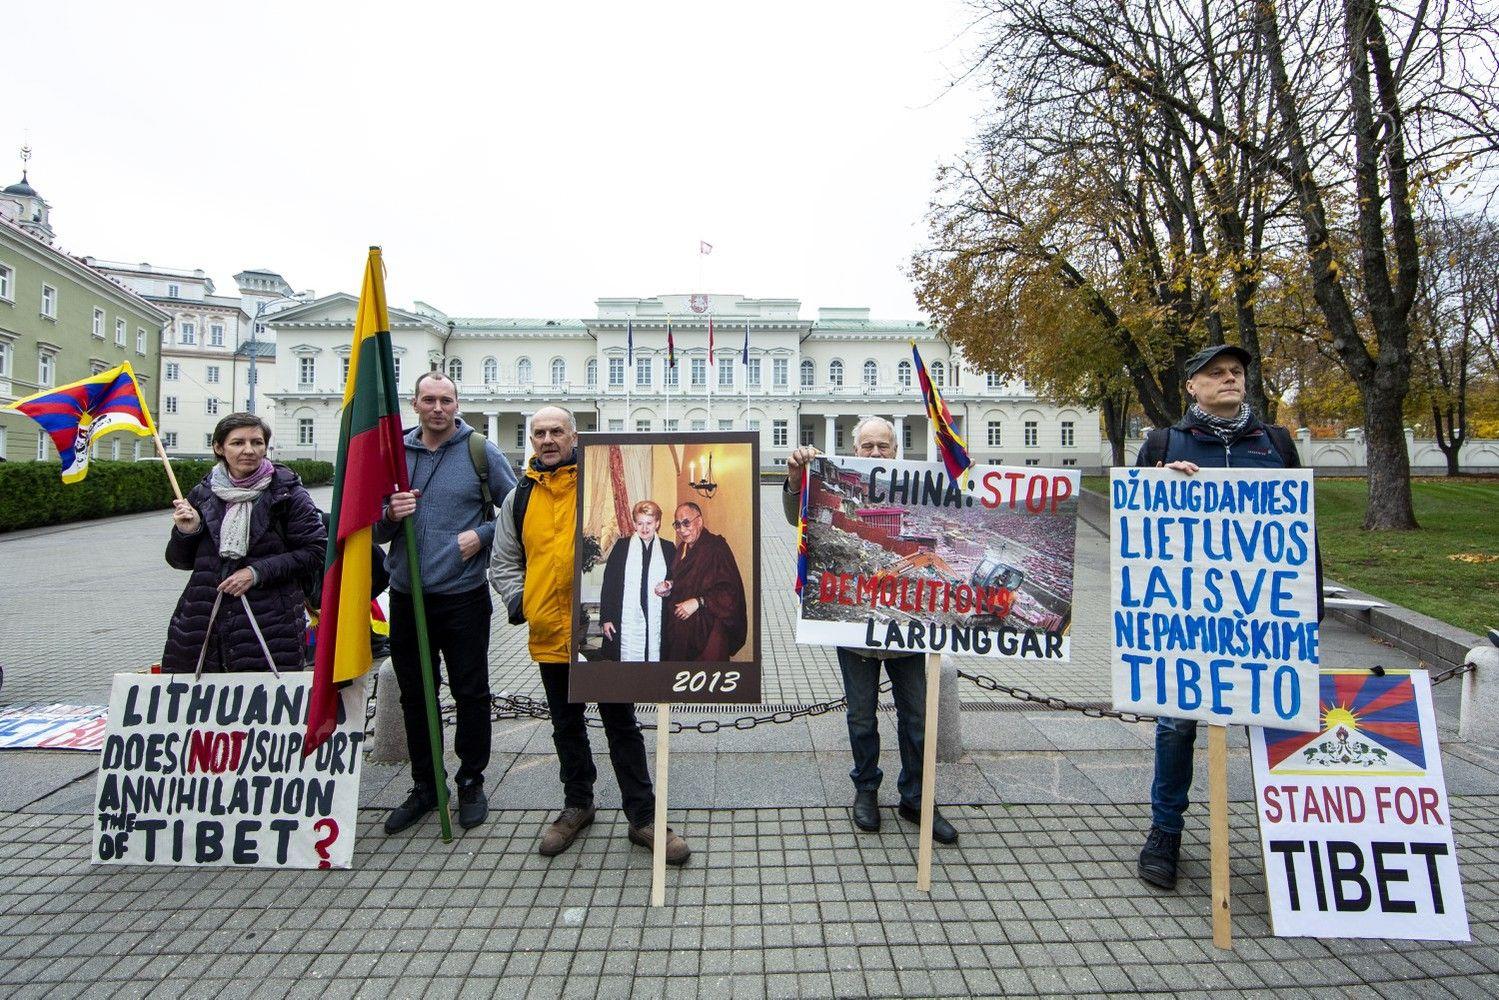 Aktyvistai D. Grybauskaitės darbotvarkėje Kinijoje pasigenda dėmesio žmogaus teisėms